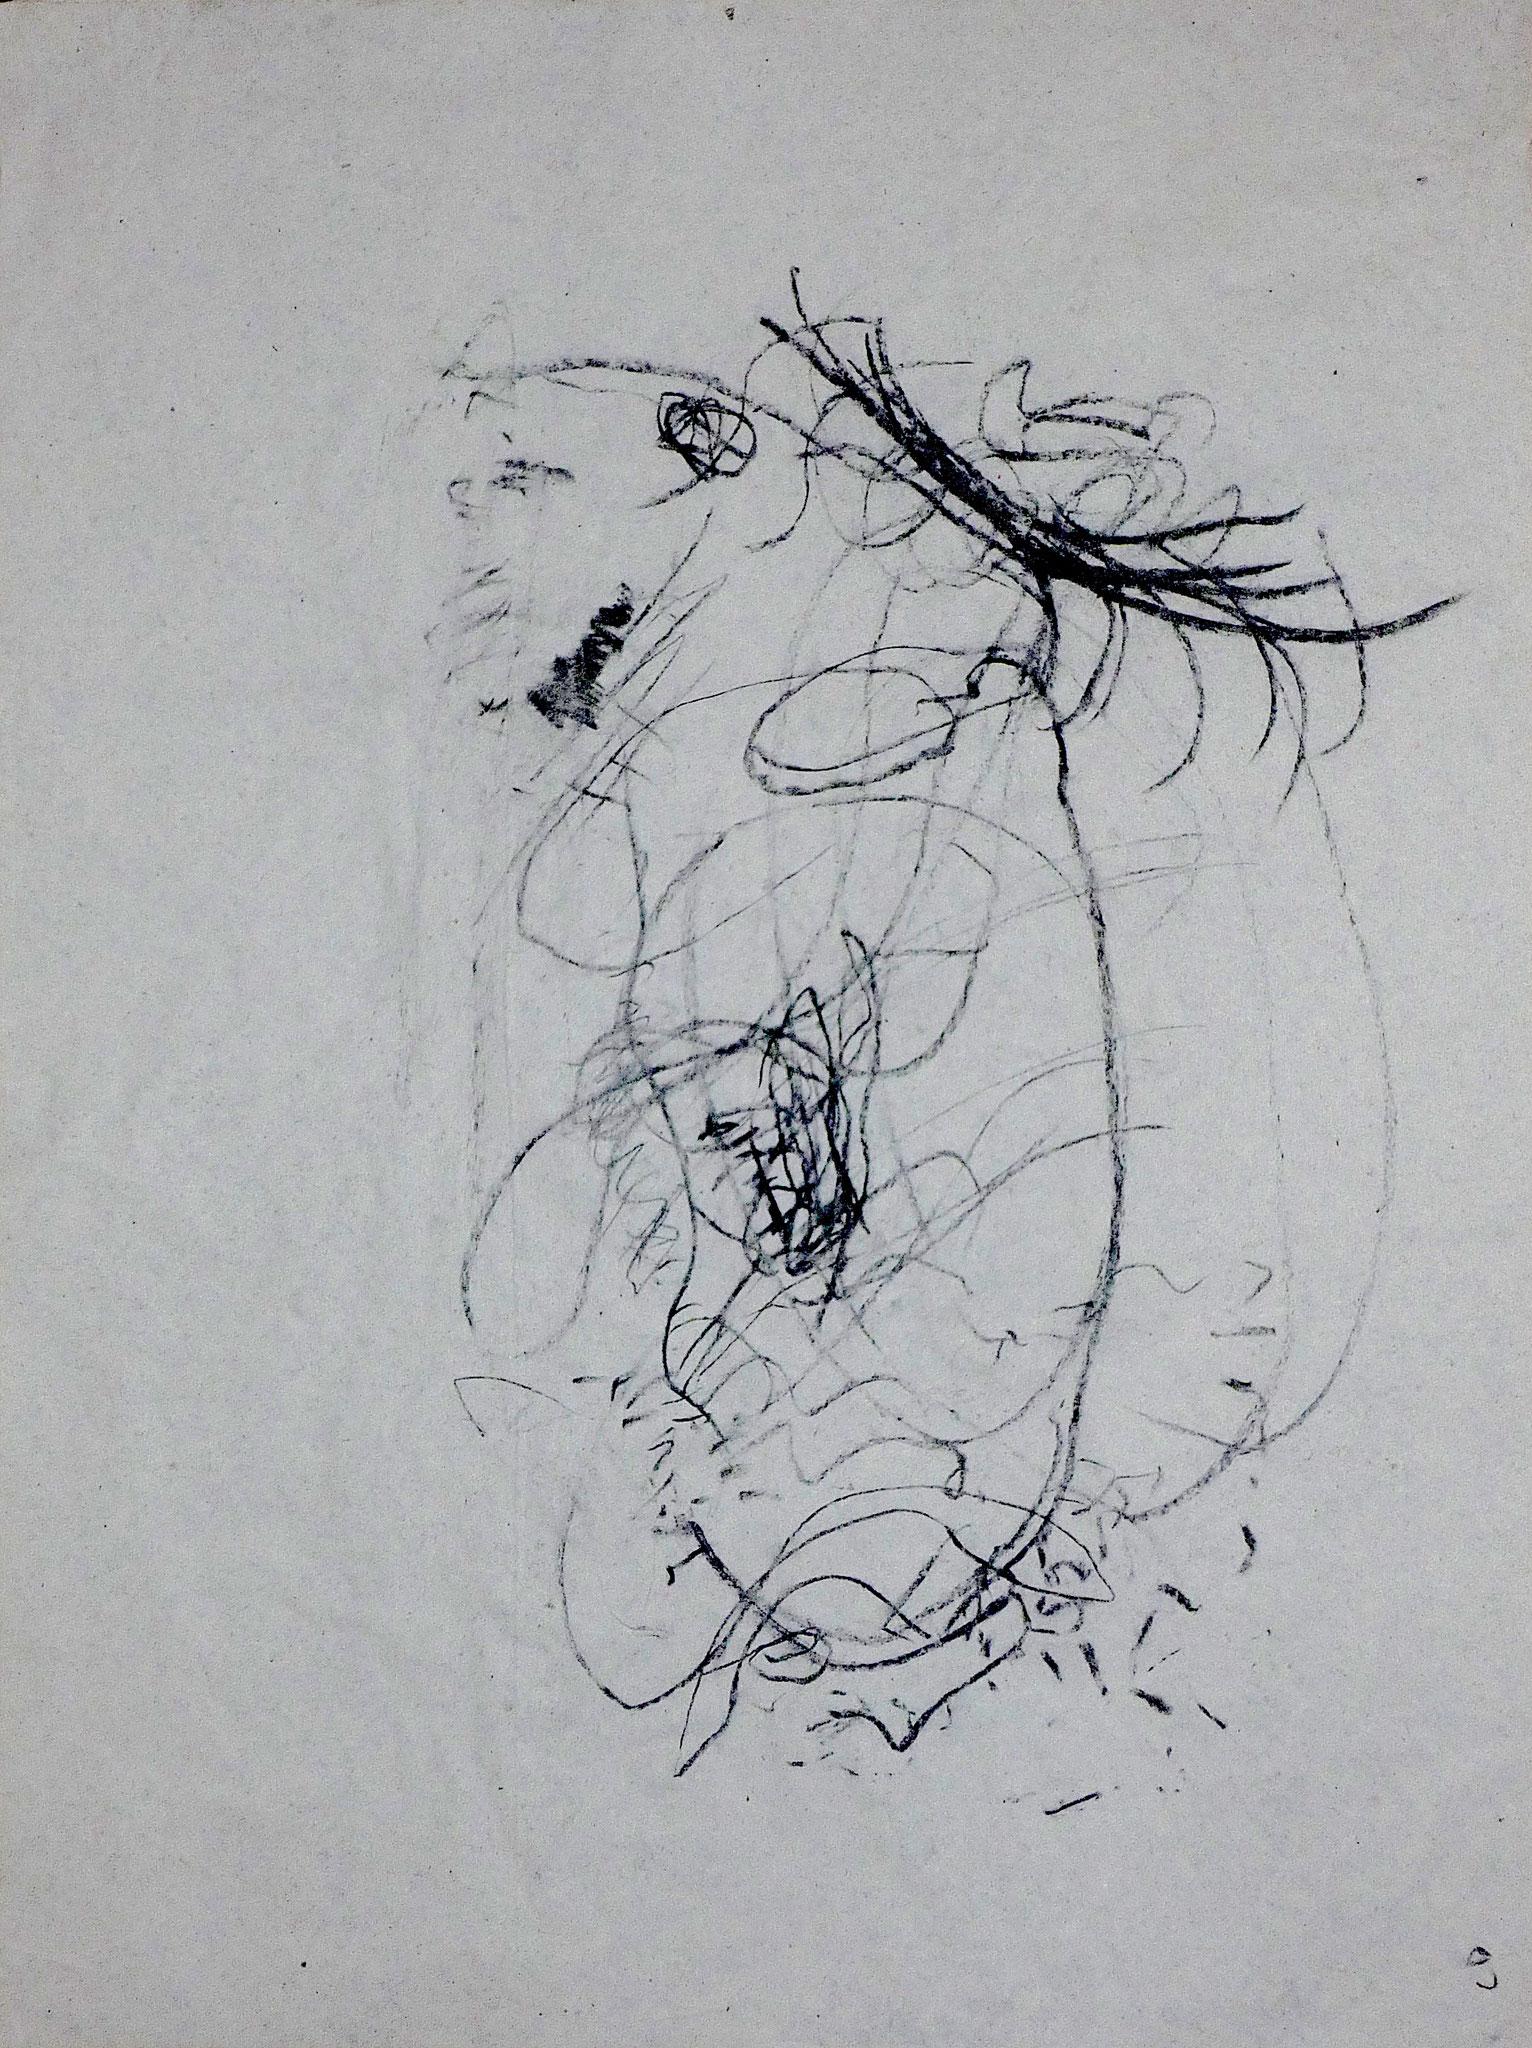 Mein Ohr I, 1999, 36x49, Graphit, Papier